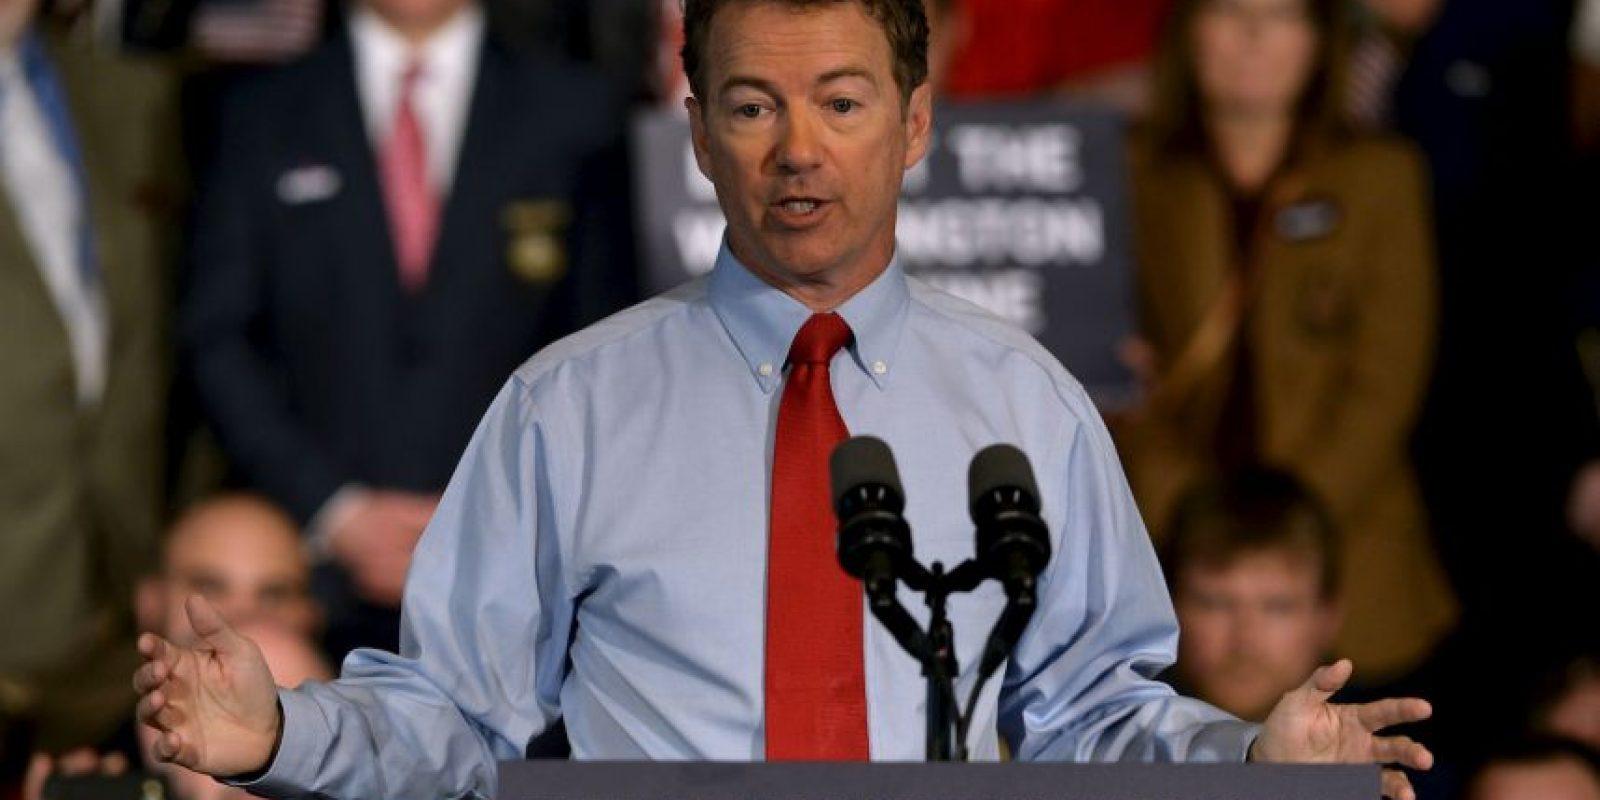 Es físico y político. También cuenta con estudios en oftalmología Foto:Getty Images